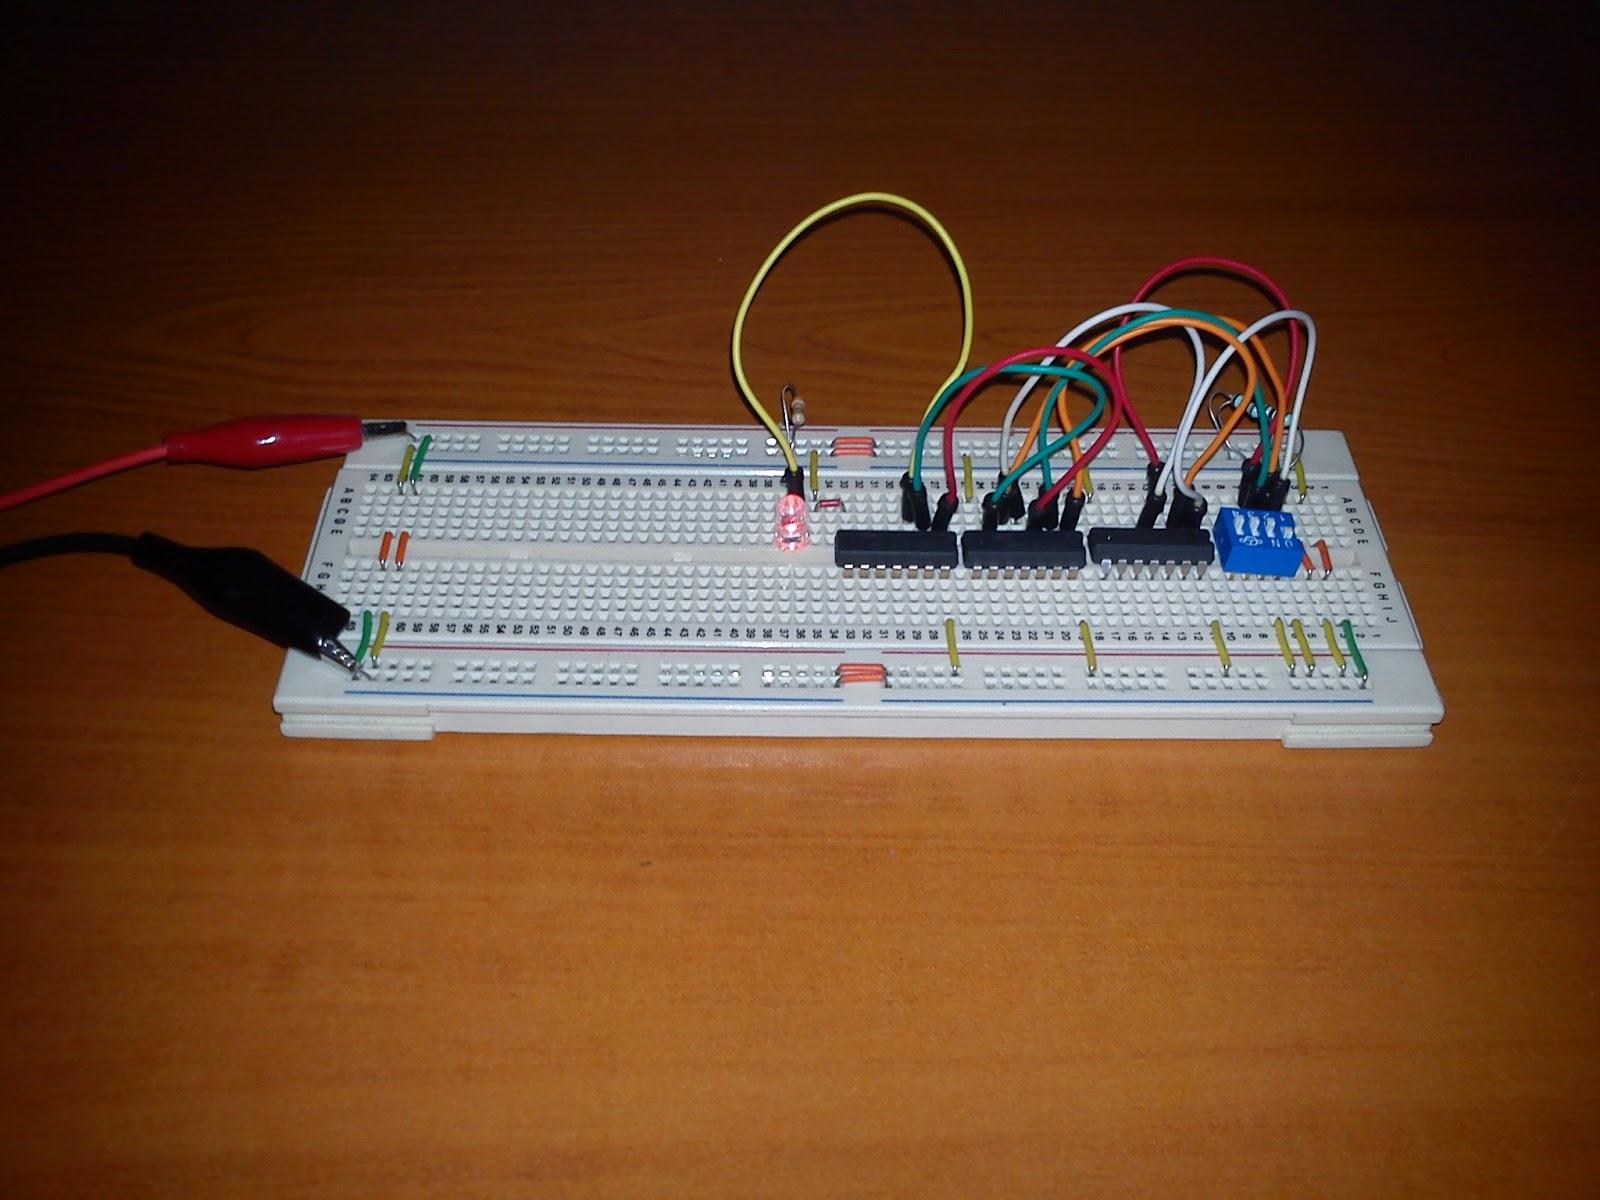 Circuito Xnor : Super digitalízame experimentación con compuertas lógicas